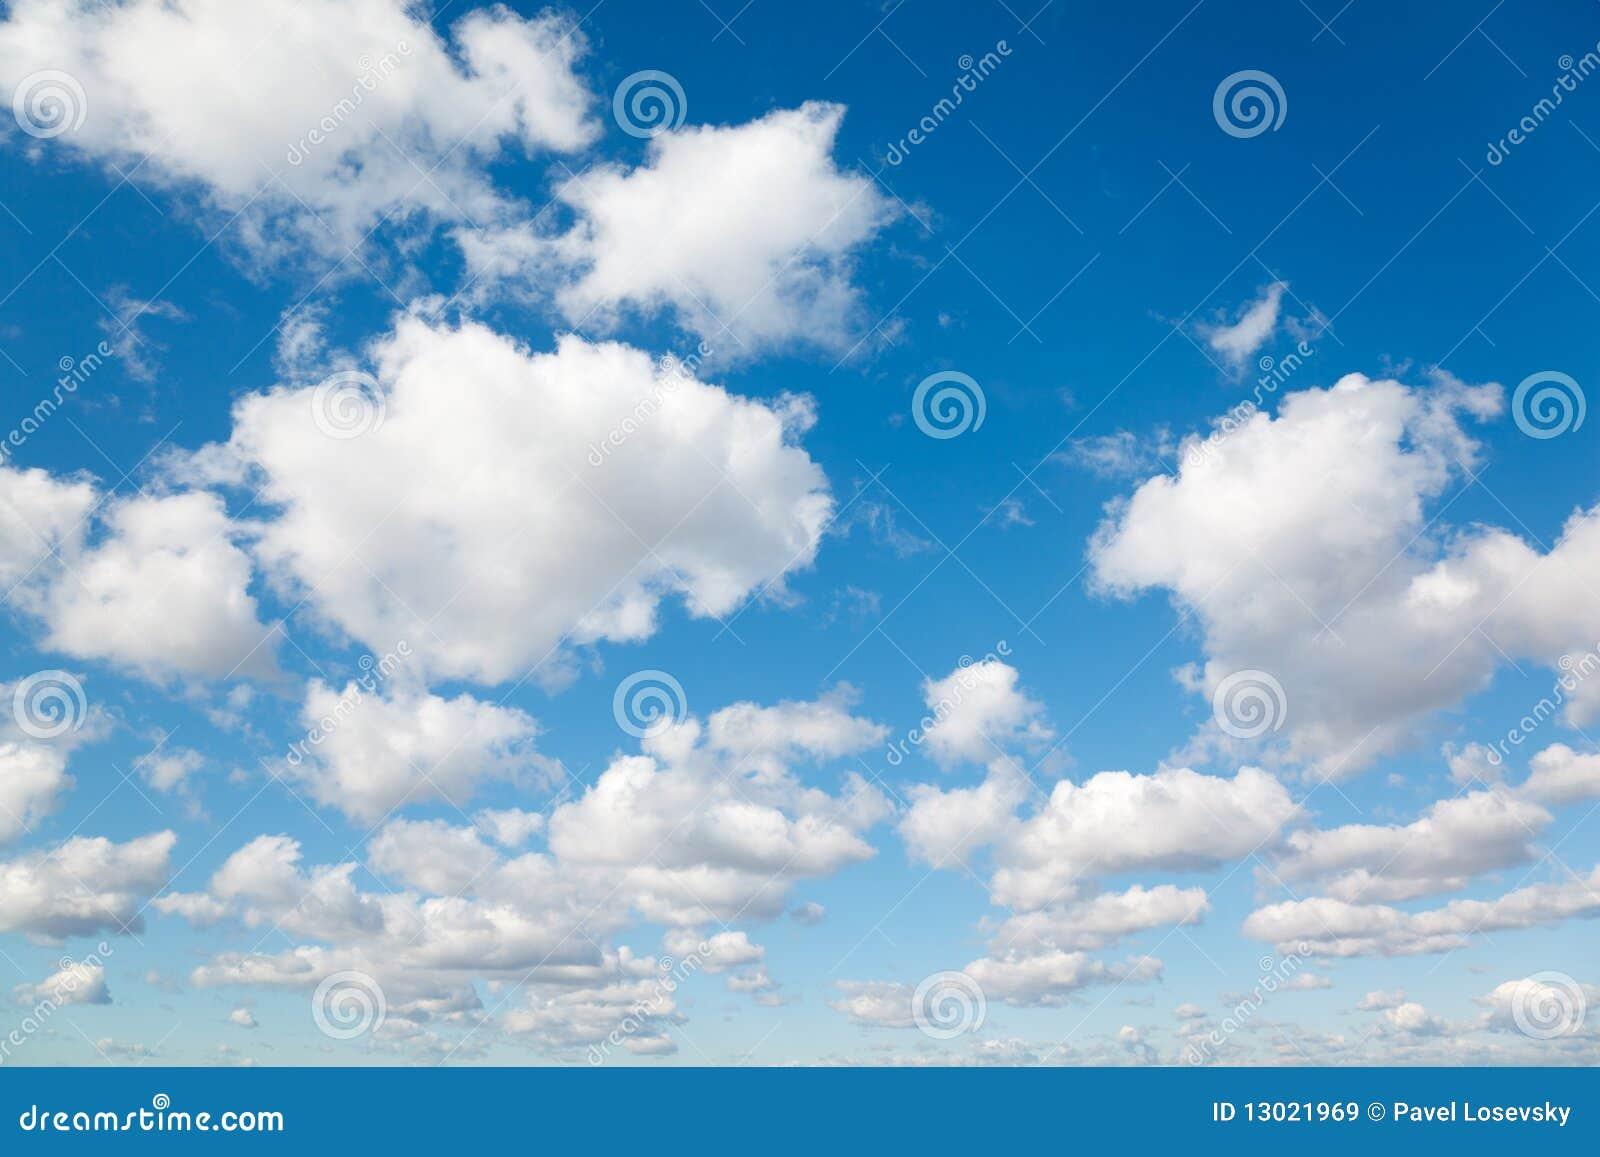 Nubi bianche e lanuginose in cielo blu.